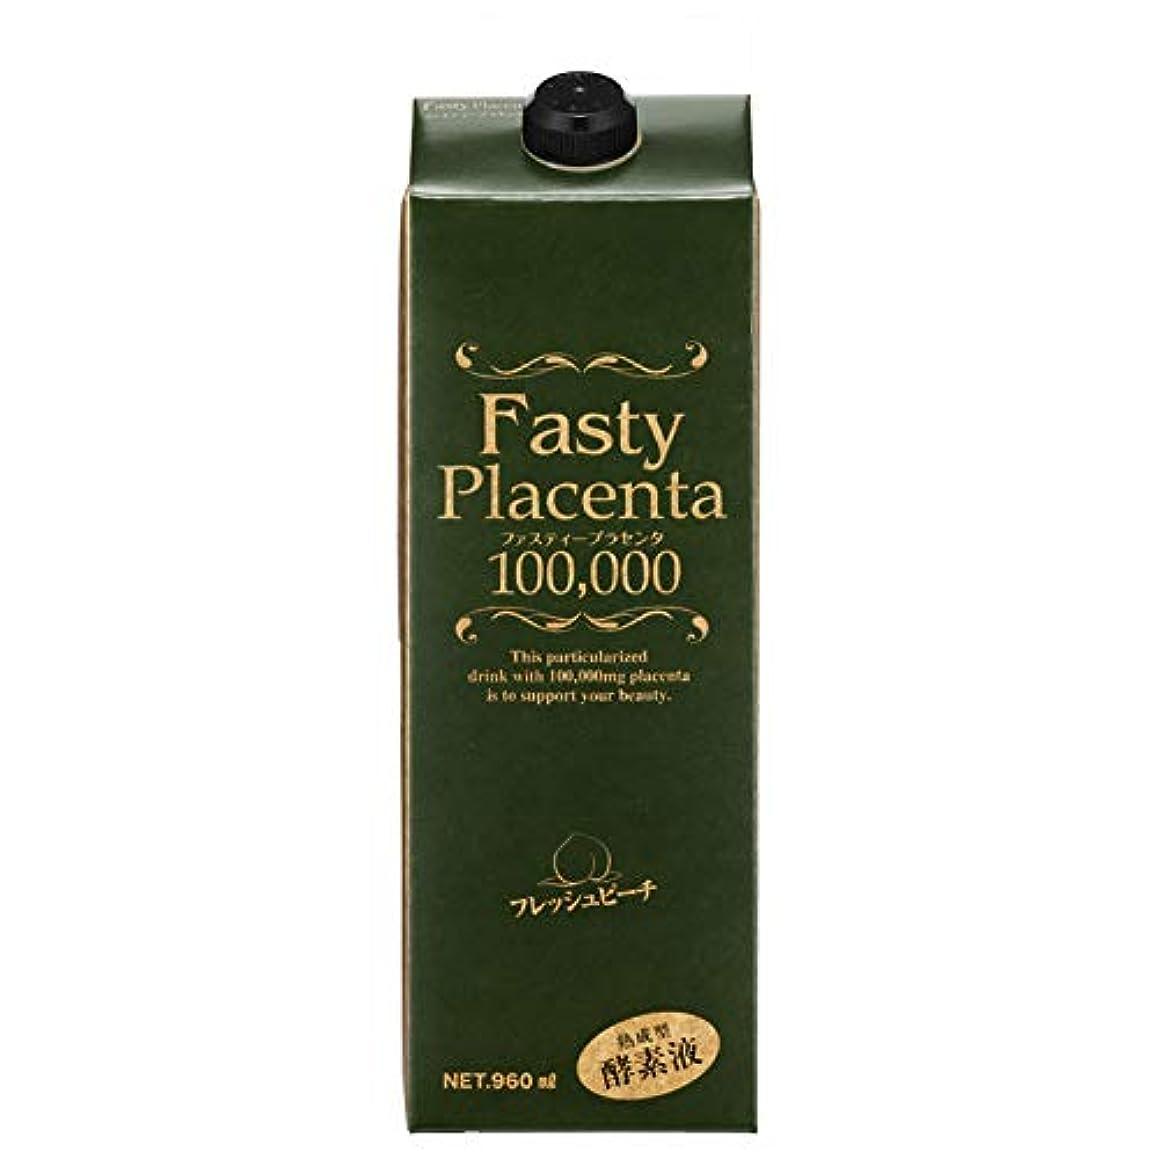 ジャンプゲートアイデアファスティープラセンタ100,000 増量パック(フレッシュピーチ味)1個